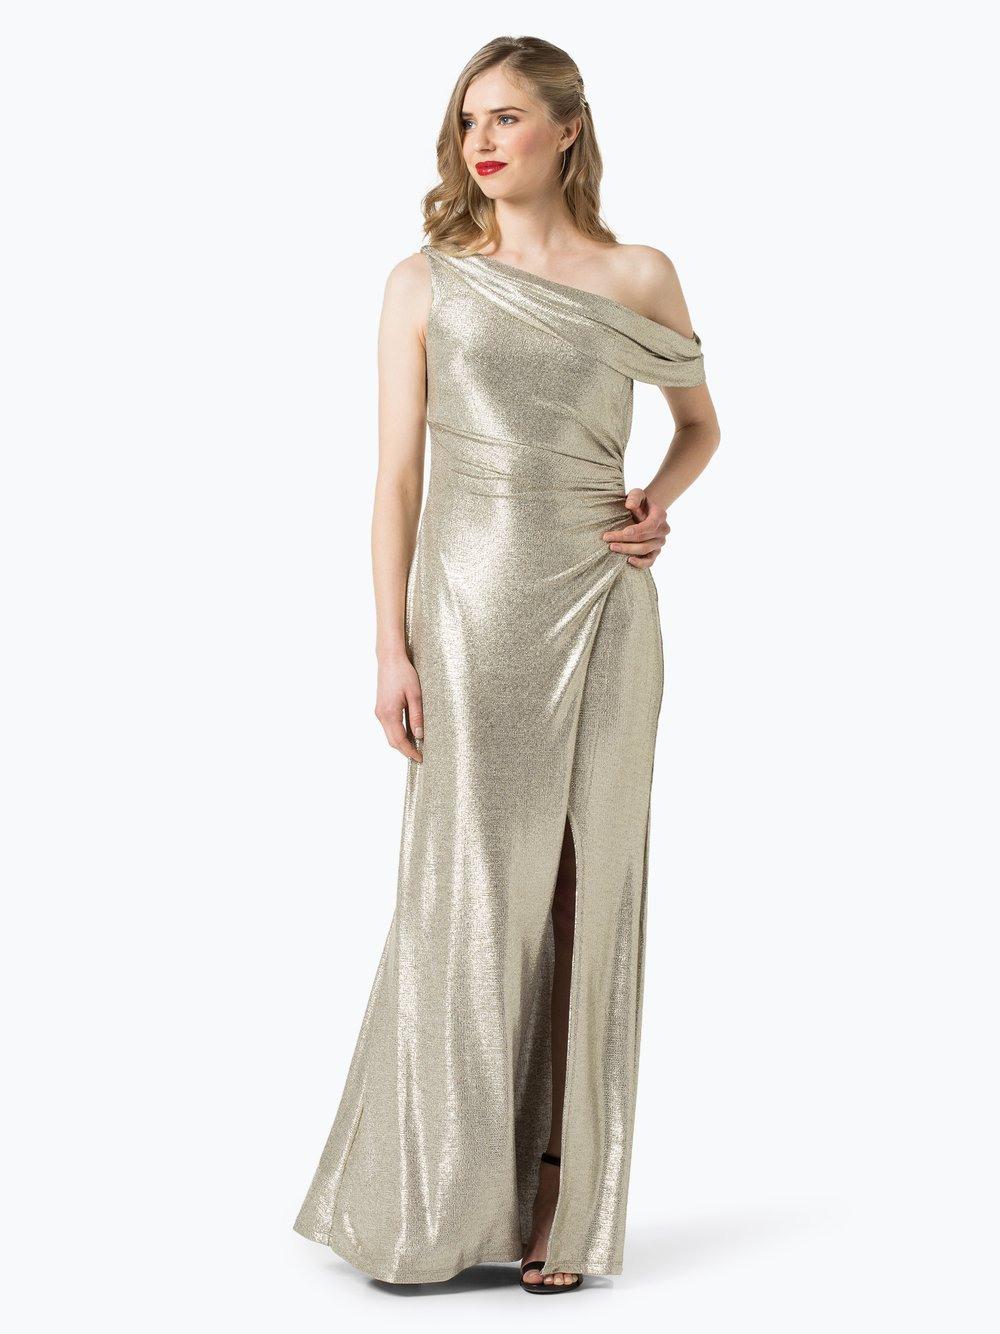 15 Schön Abendkleid Ralph Lauren Design Großartig Abendkleid Ralph Lauren Galerie